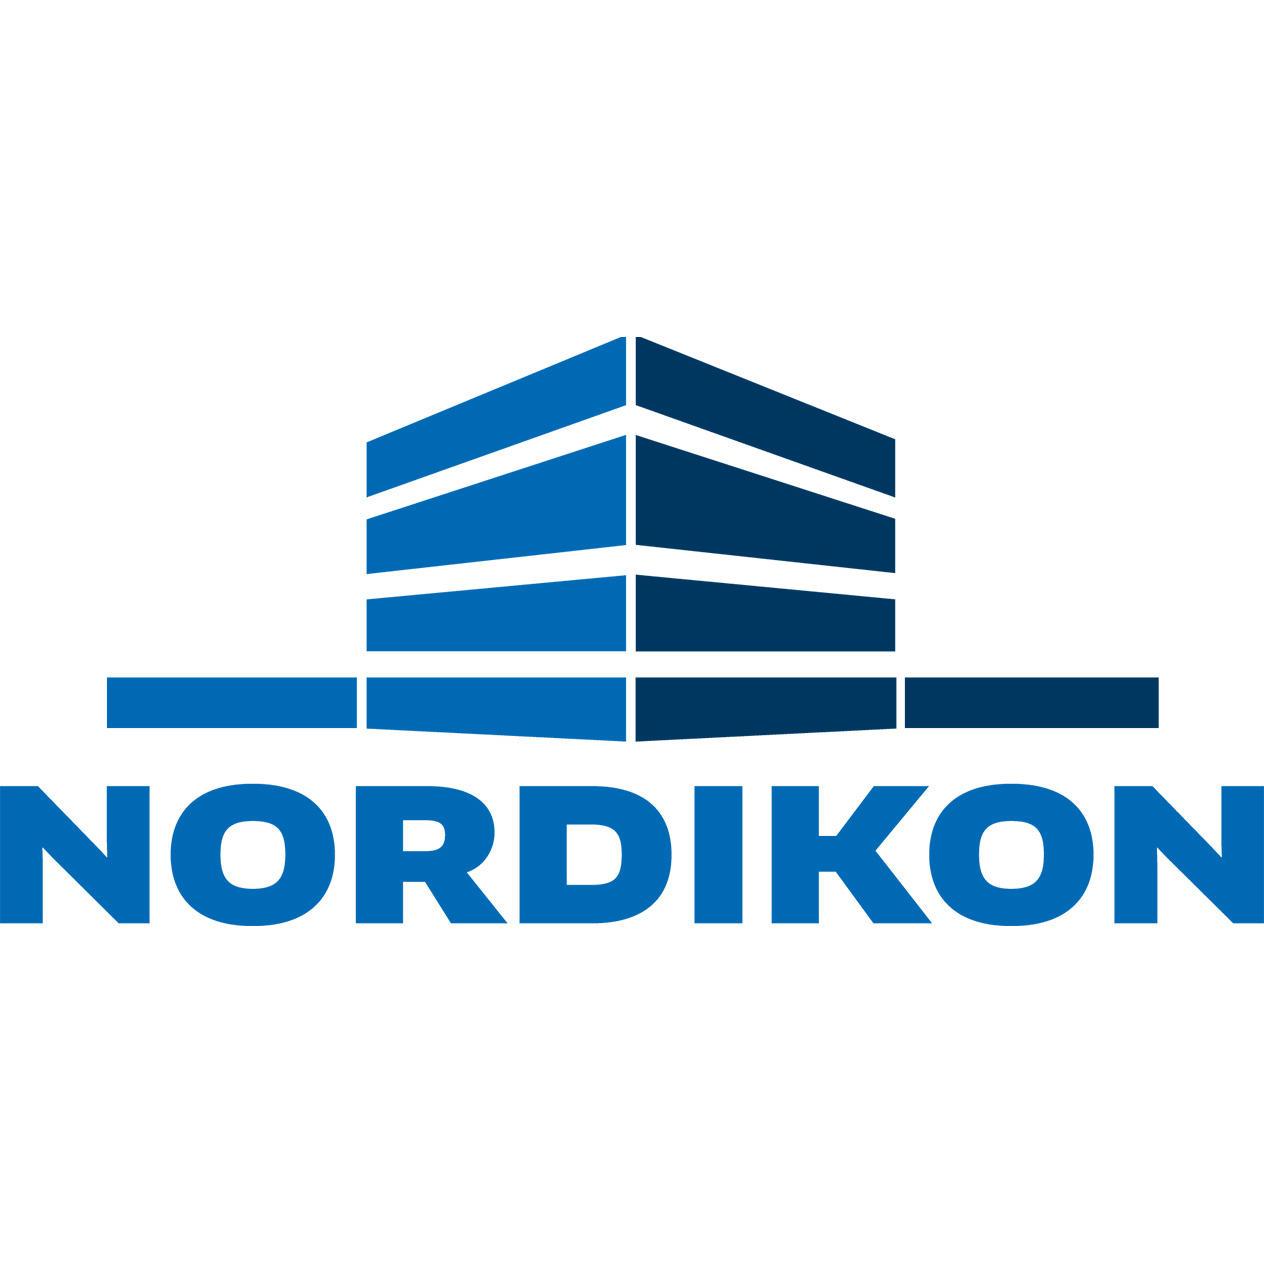 NORDIKON